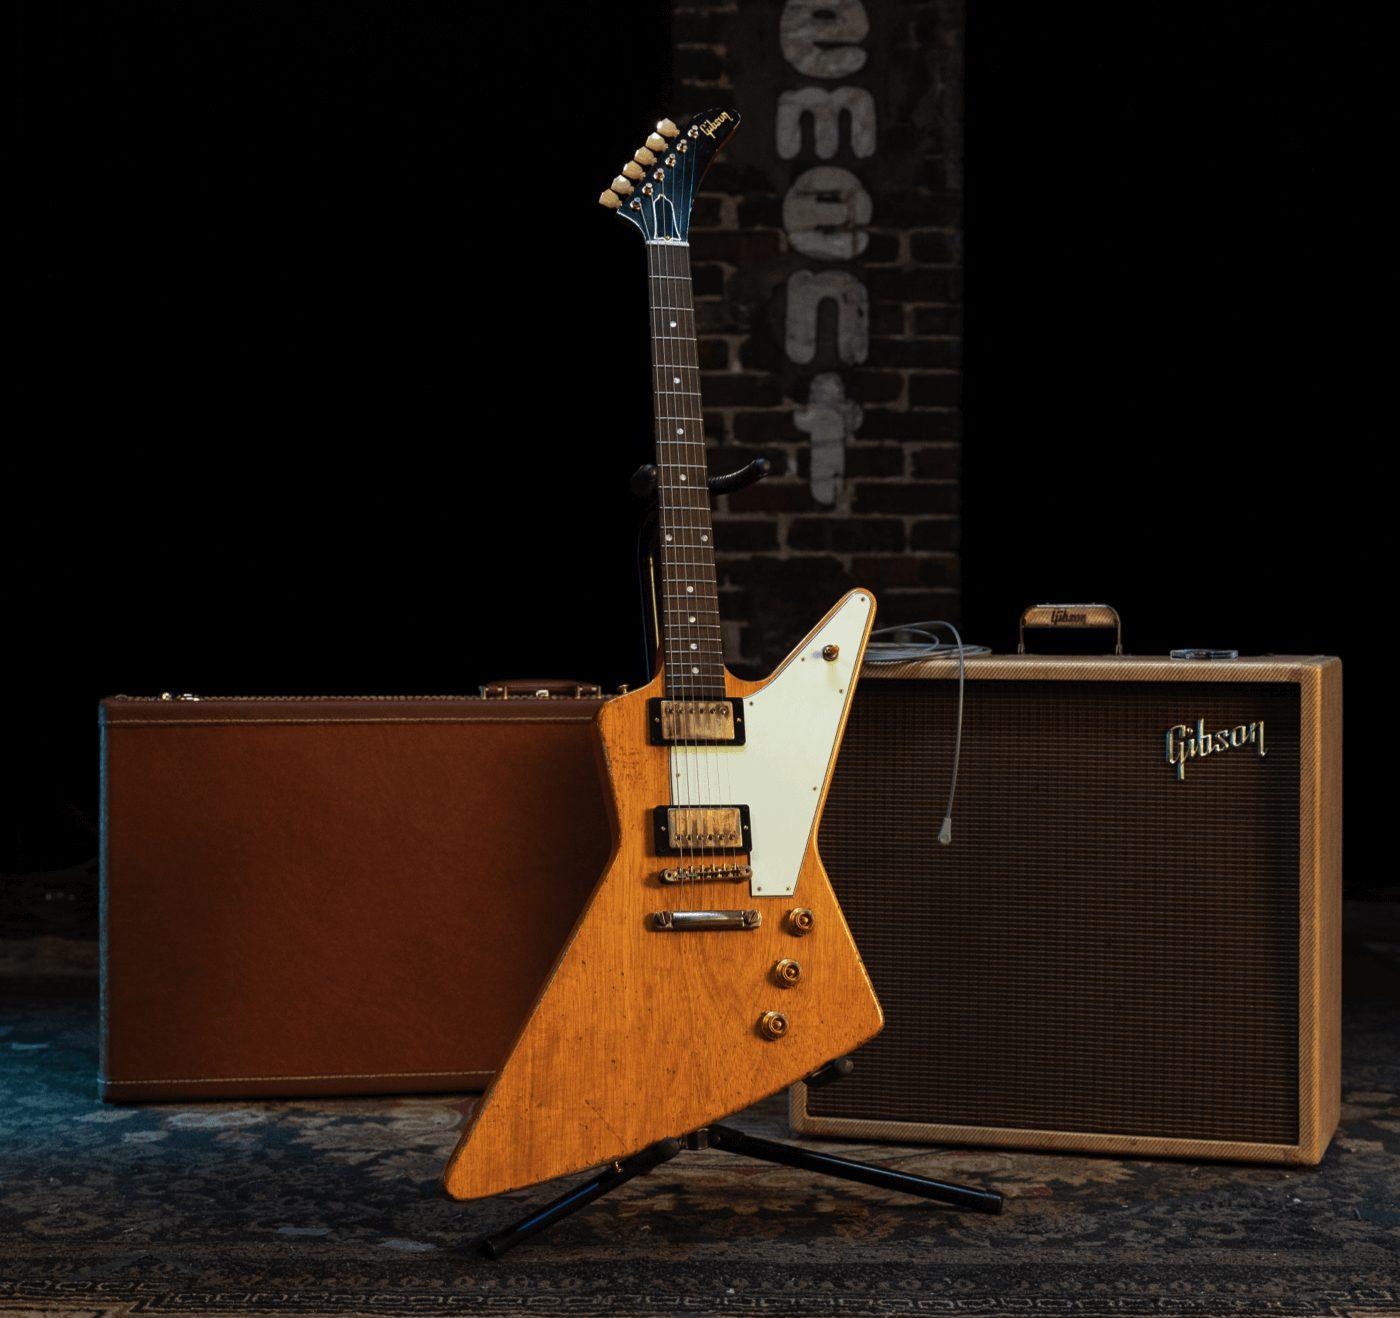 Gibson Collectors Edition 1958 Korina Explorer